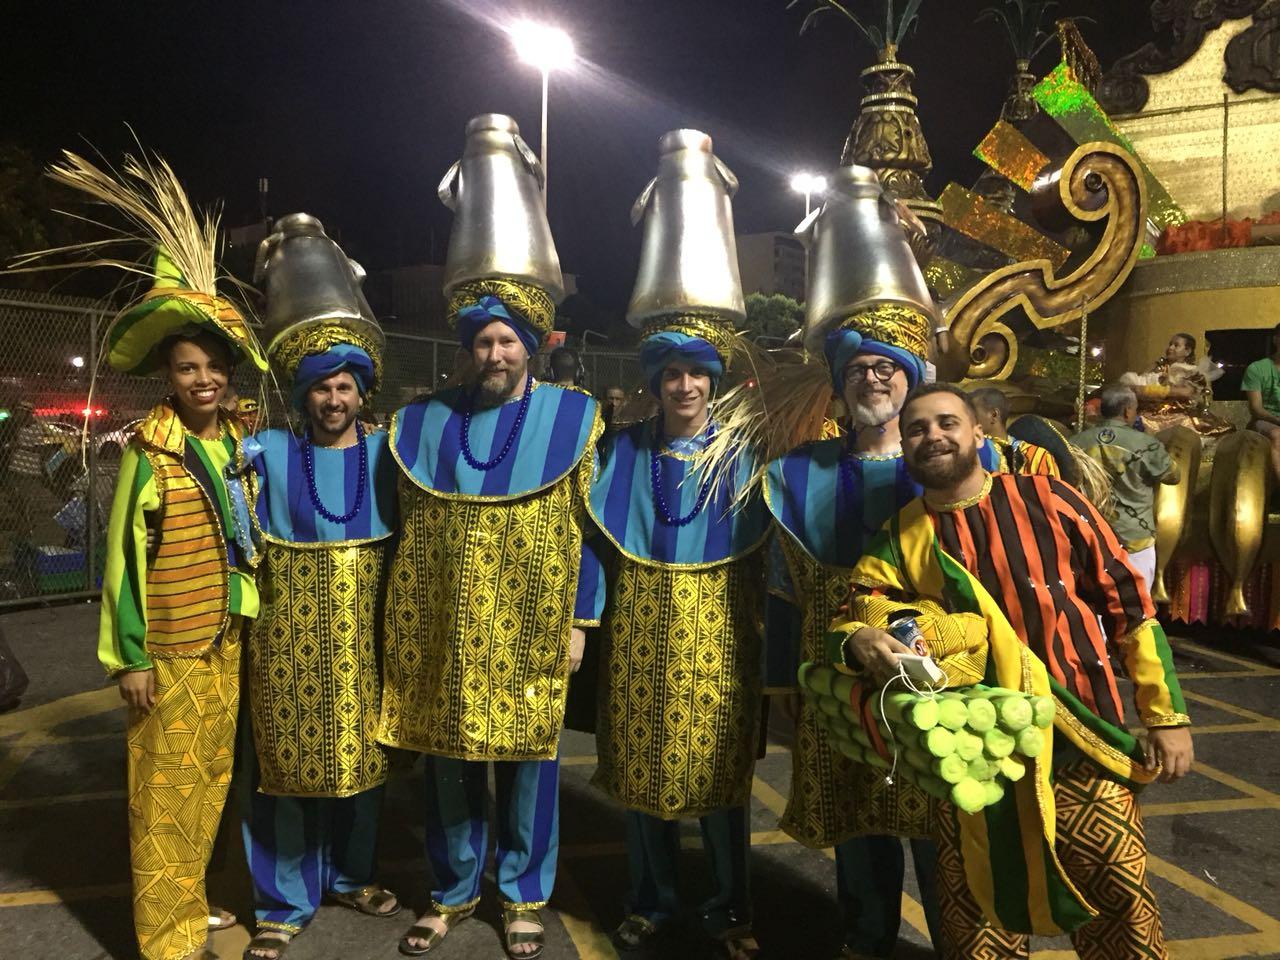 Dance in Rio Carnival.